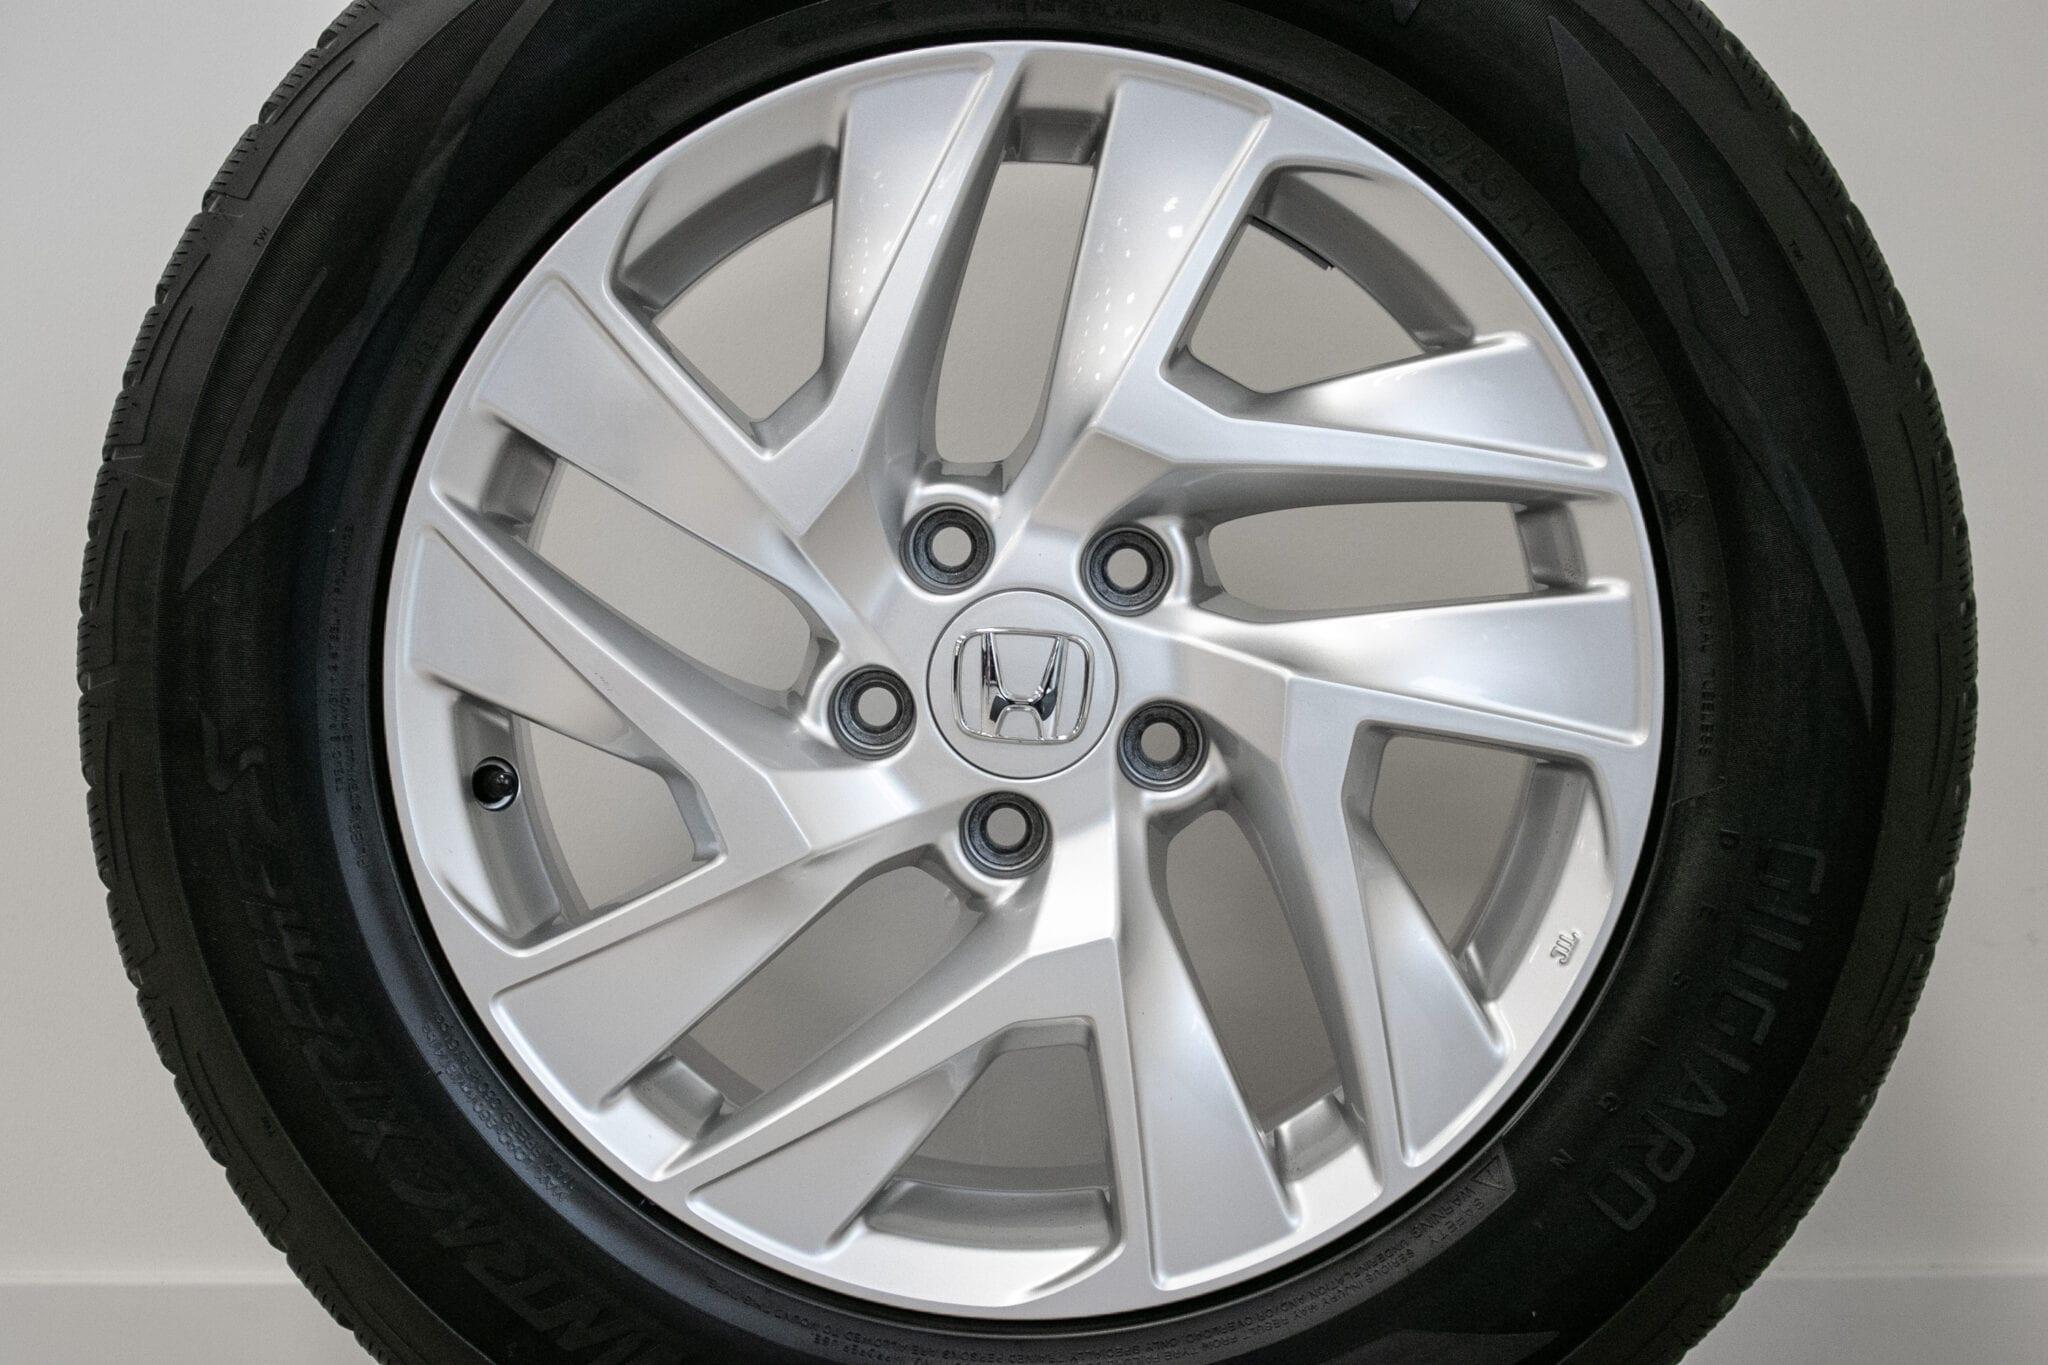 """17"""" Winterwielen voor de Honda CR-V ('07-'17)  €399,- Gebruikt. Profieldiepte: 4.2mm - 5.2mm"""